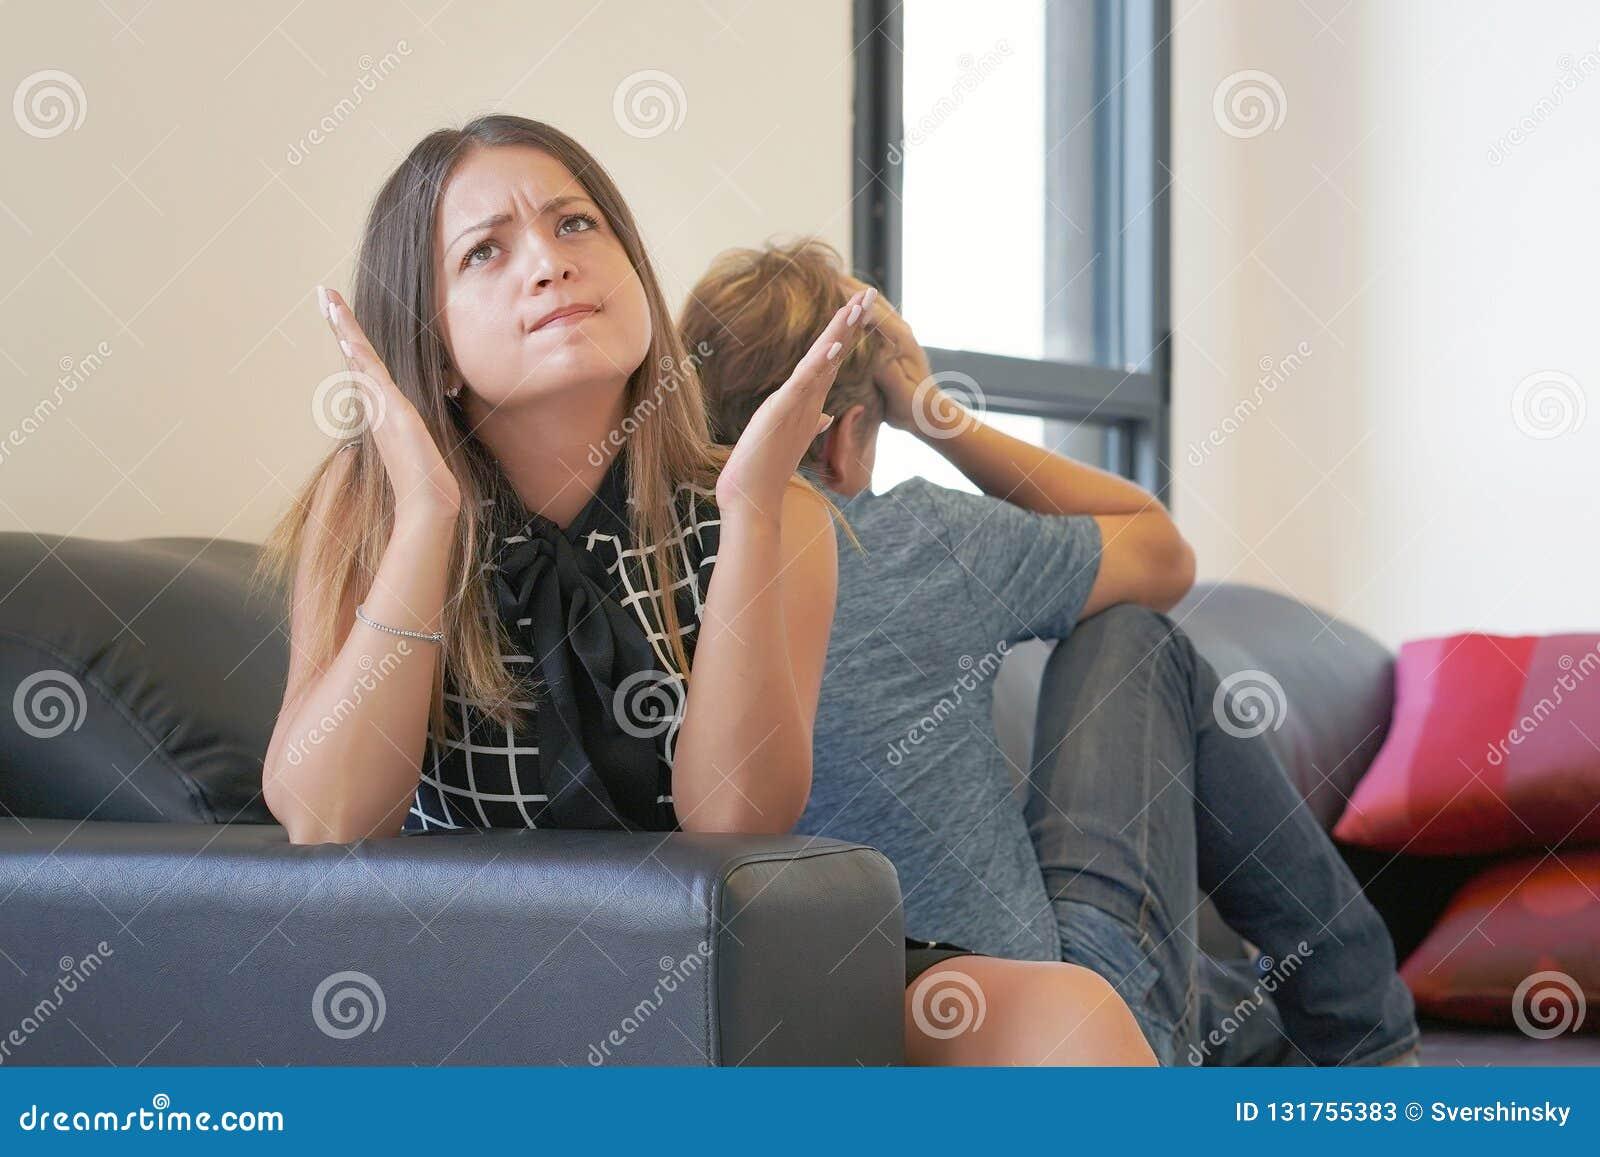 Kobieta histeryczna, wrzask, złość, końcówka długookresowi powiązania, alkoholiczka, lek uzależniał się partnera